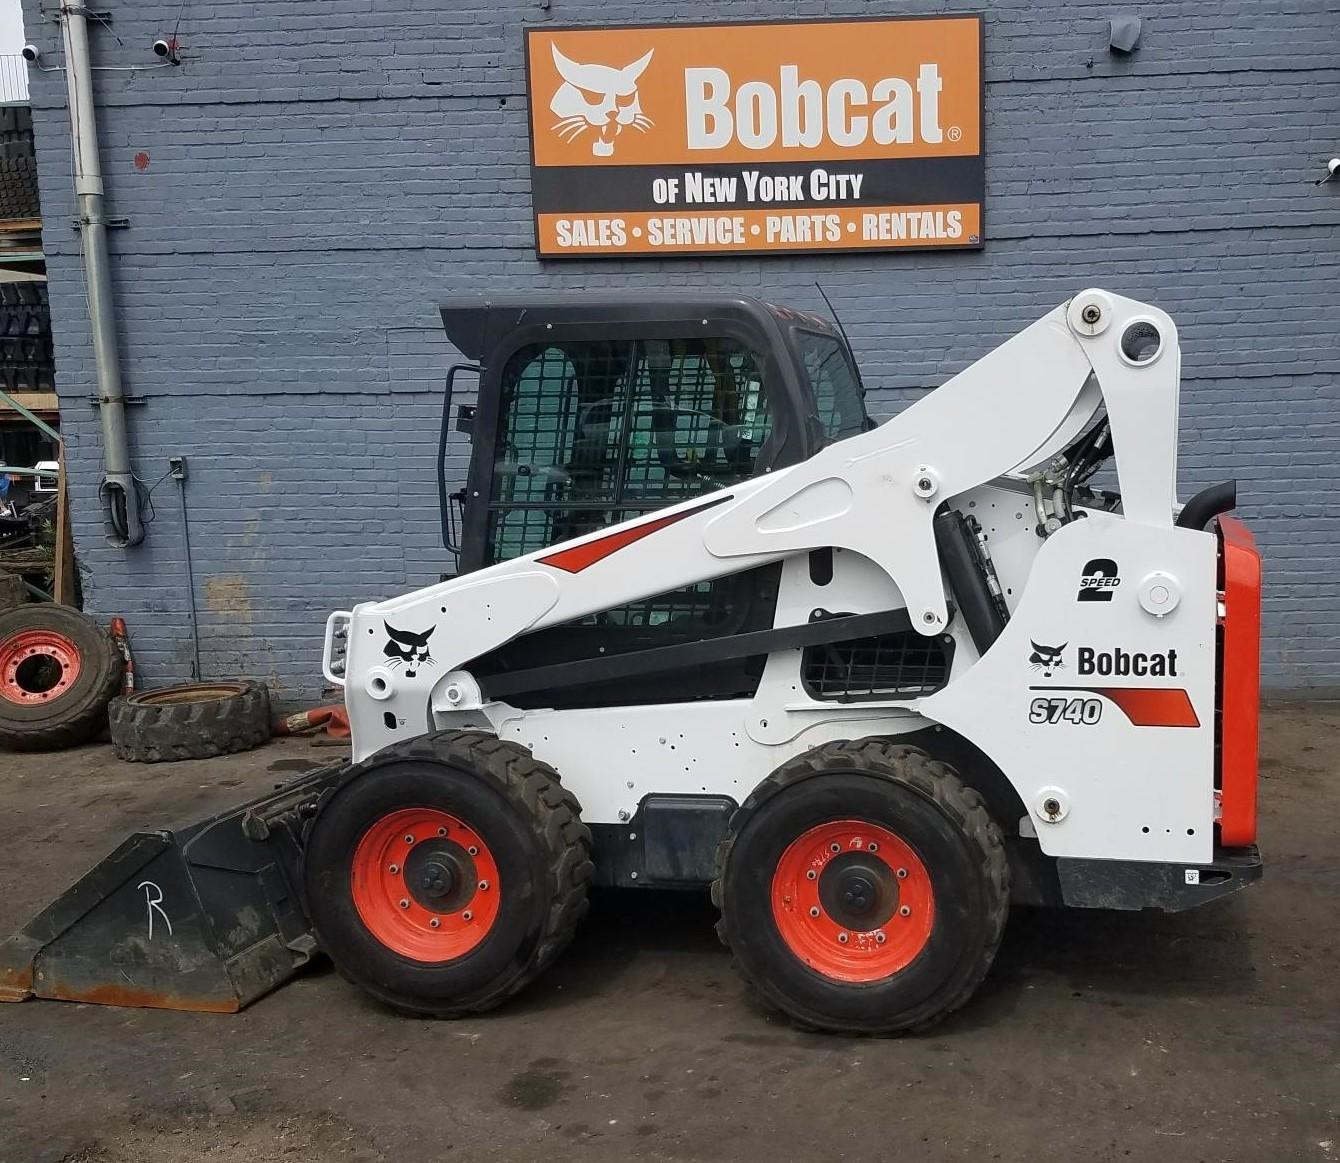 Bobcat Equipment Sales, Rentals, Parts, & Service In NY